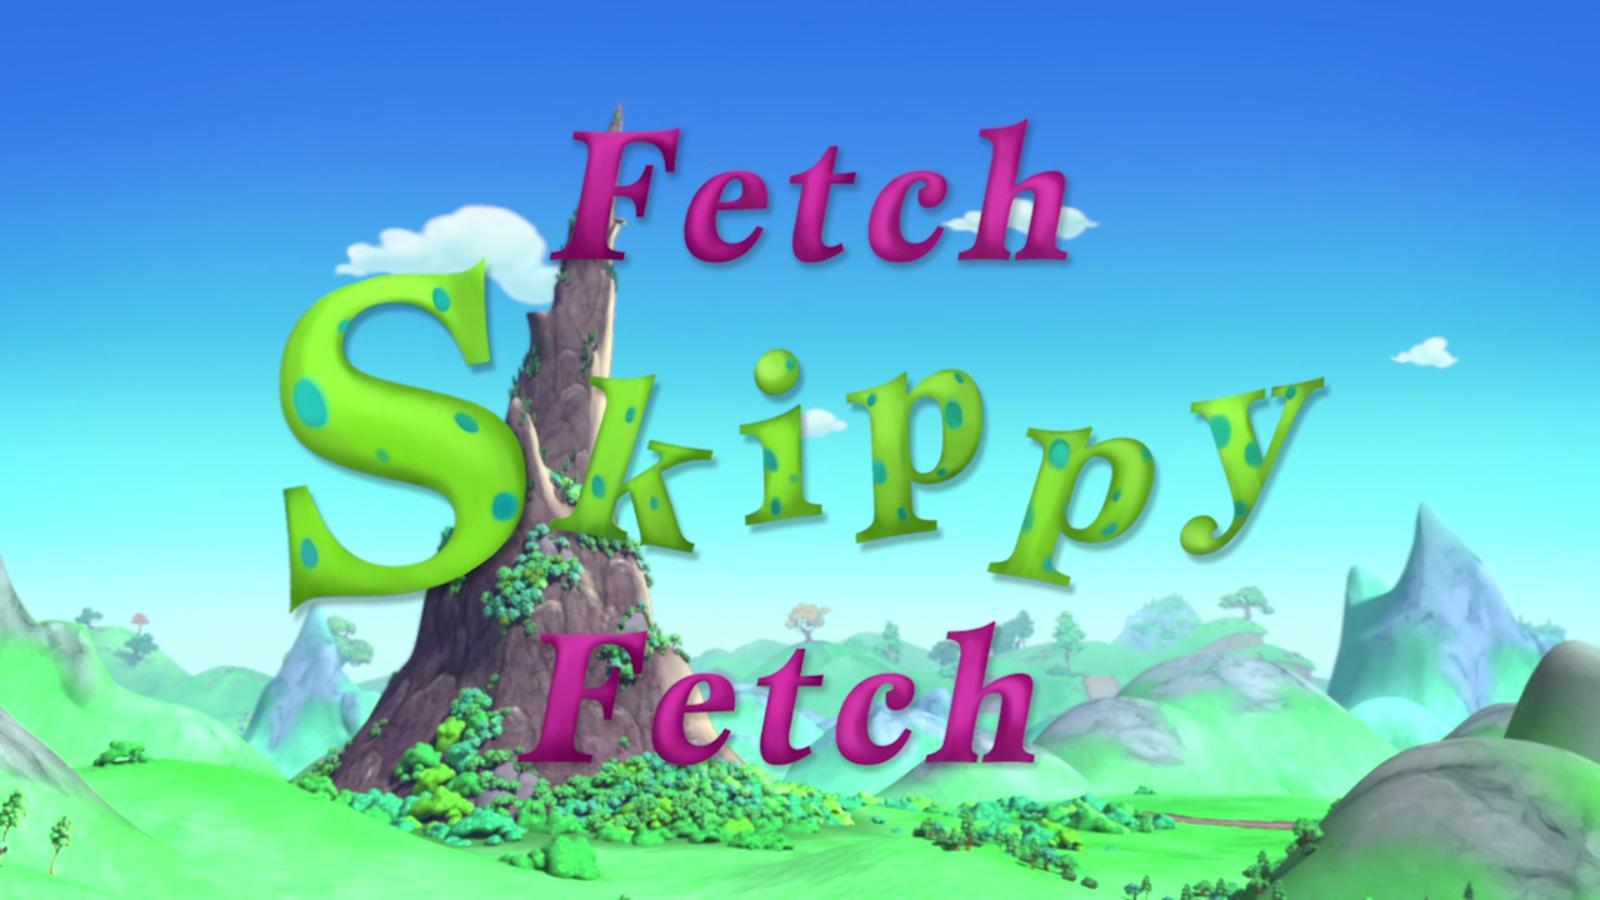 Fetch Skippy Fetch